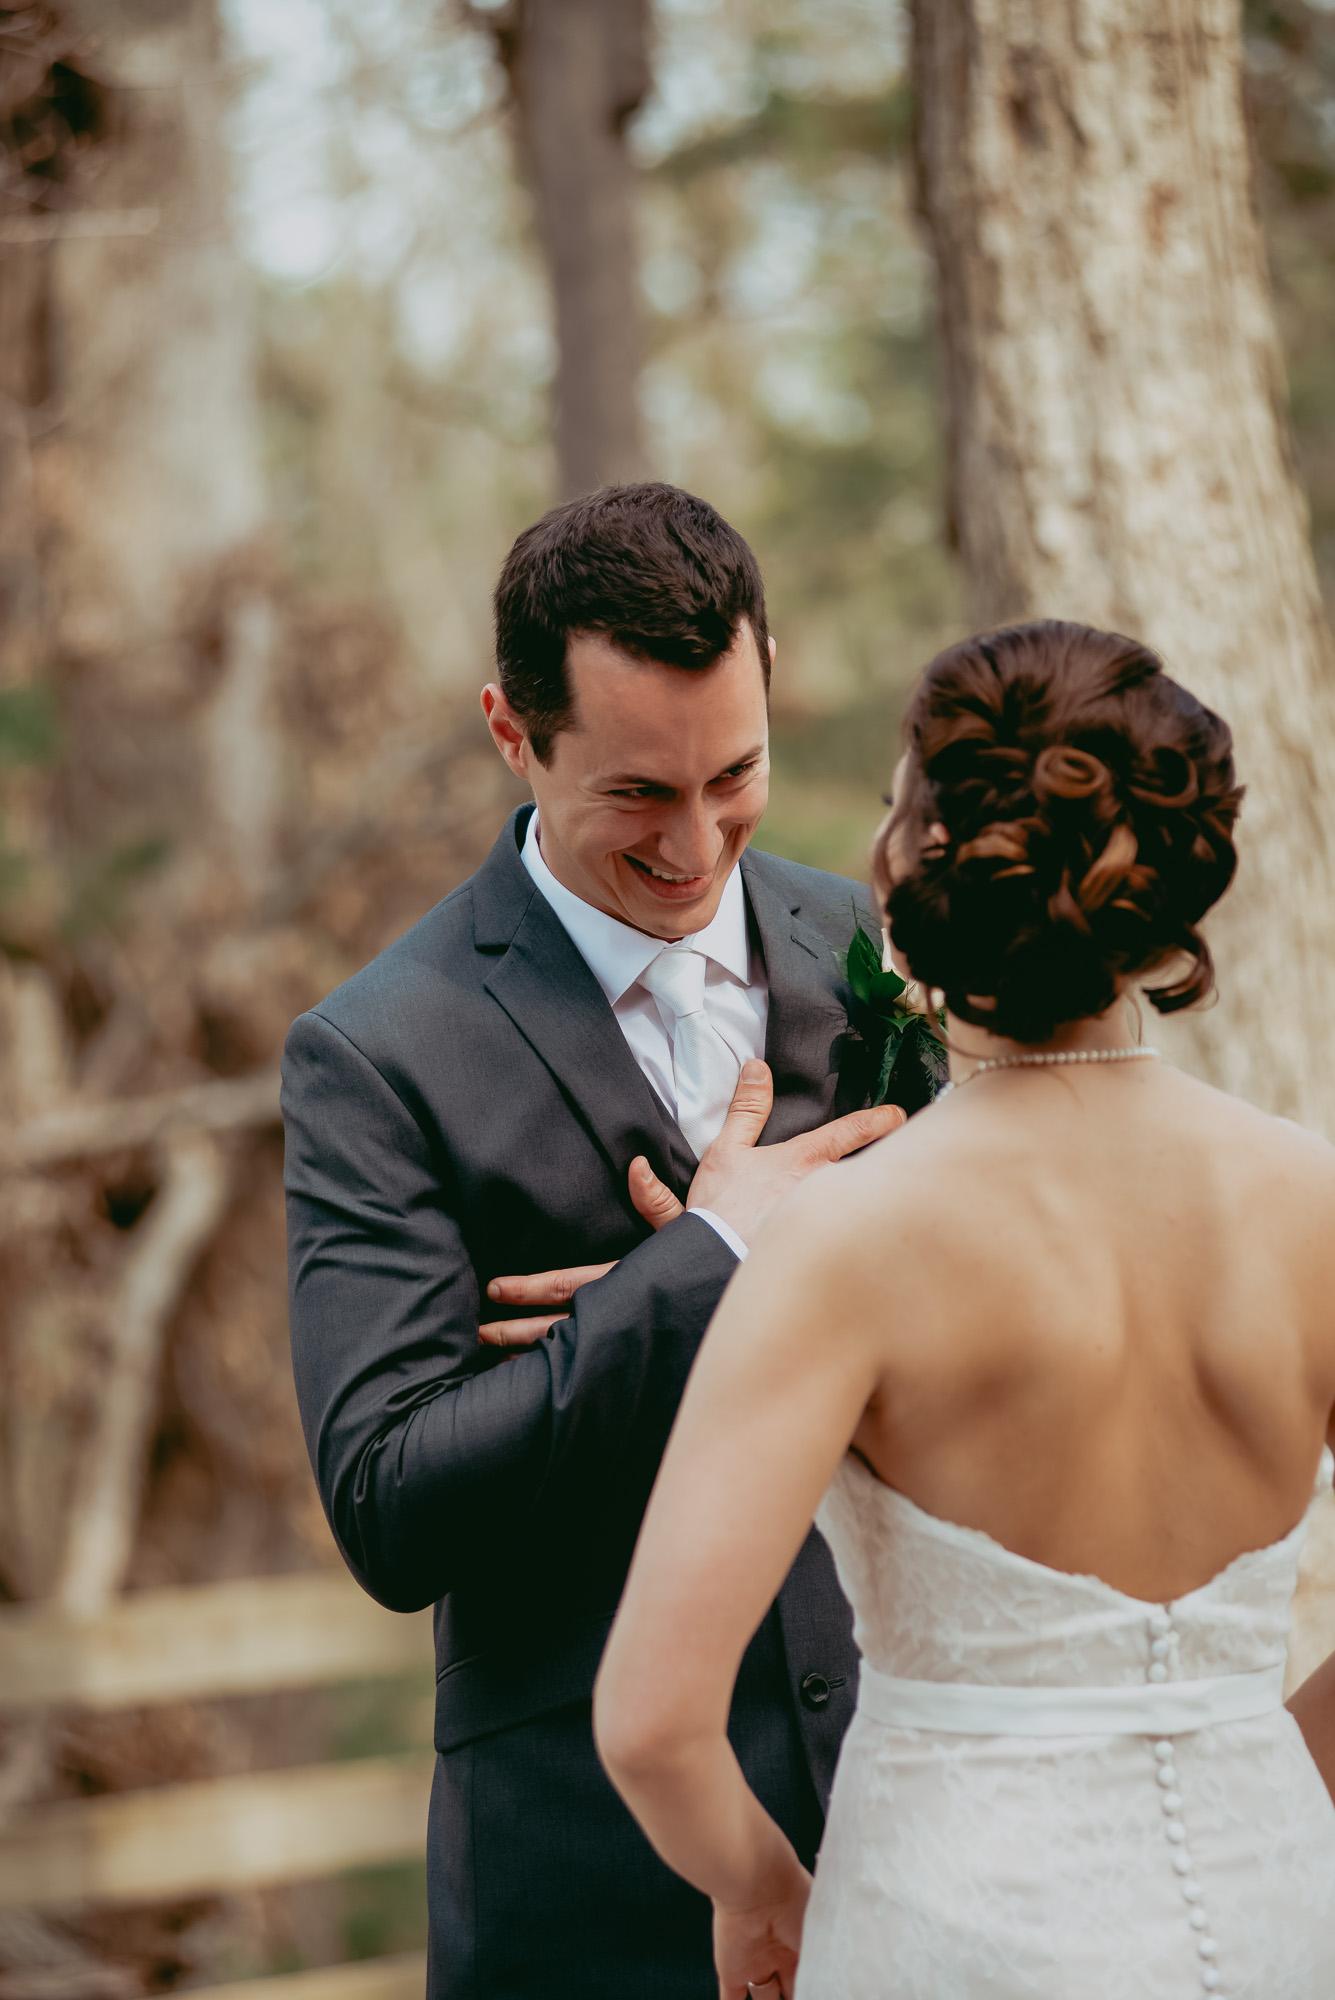 Rockford-IL-wedding-photographers-22-2.jpg